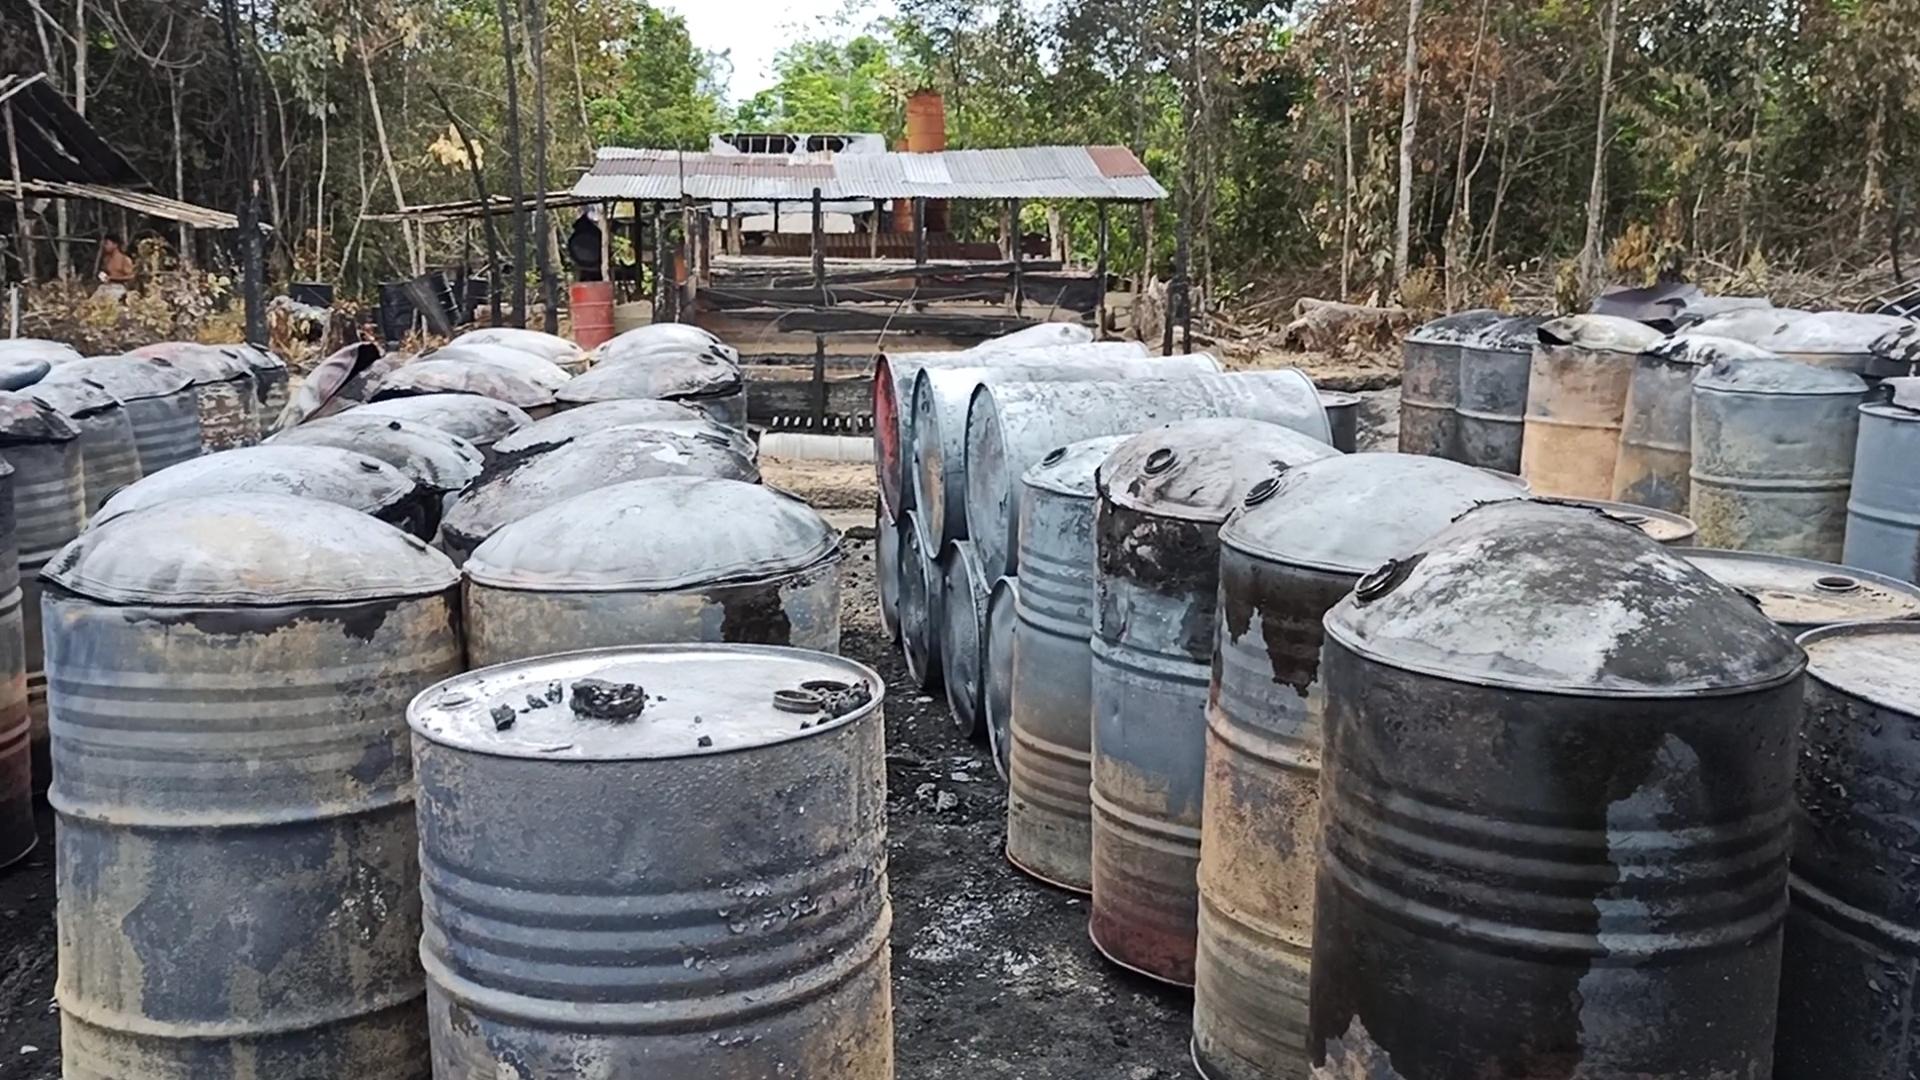 ngaku-polisi-oknum-otd-usir-wartawan-muba-online-saat-bertugas-di-lokasi-penyulingan-minyak-terbakar-di-desa-sukajaya-muba166g11619104635.jpg